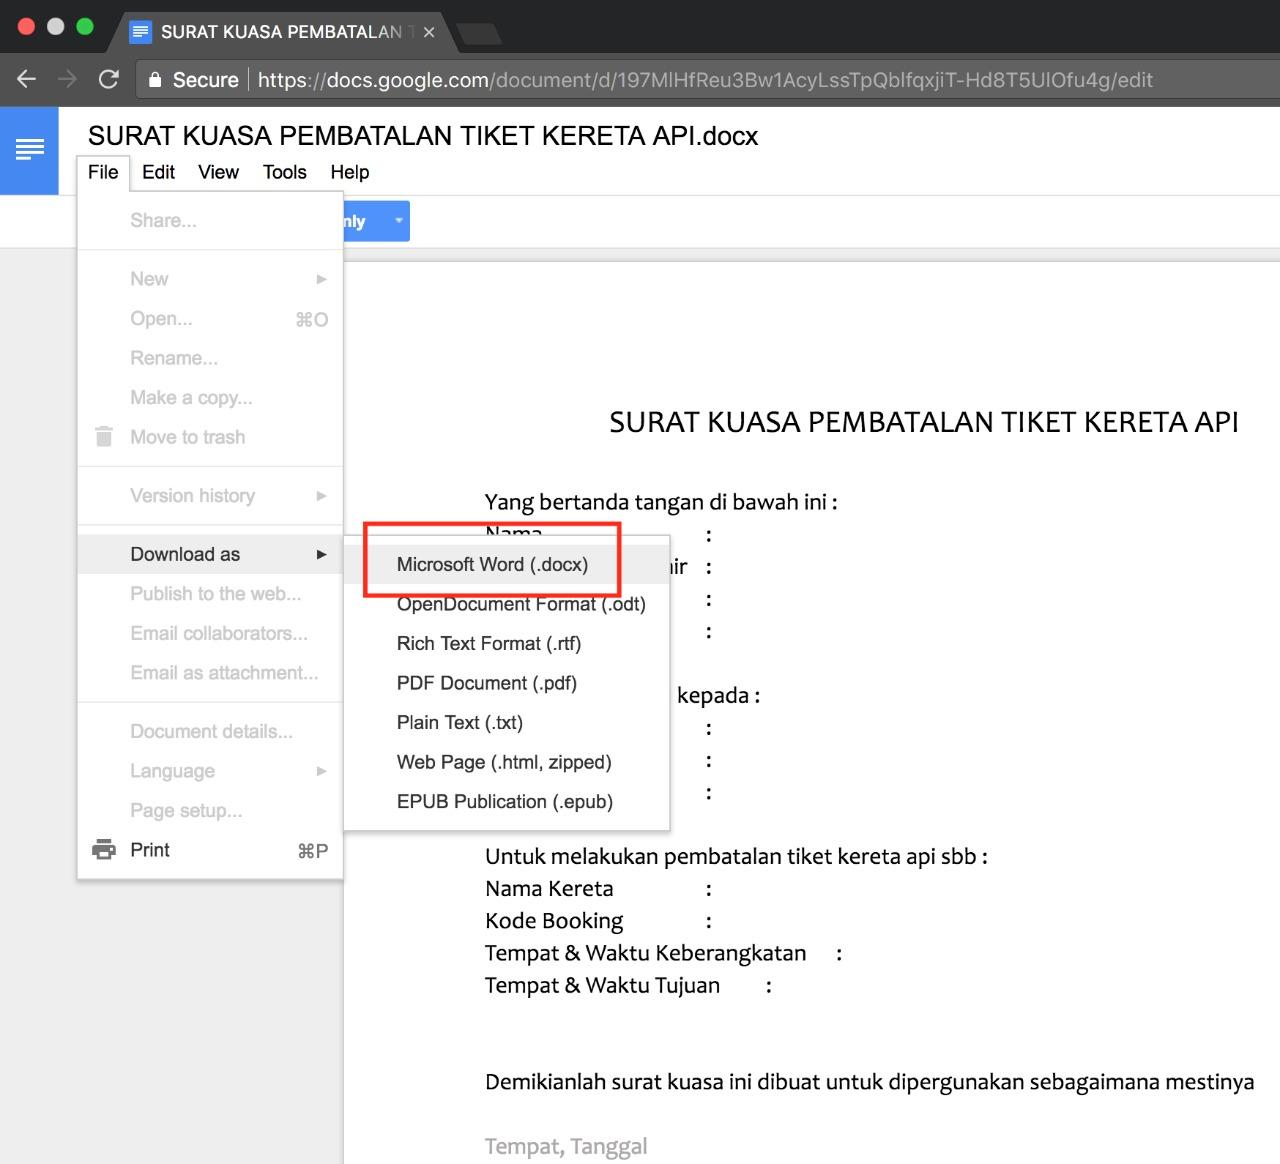 Contoh surat kuasa pembatalan tiket kereta api caleudum cara download dokumen dari google docs cara download dokumen dari google docs surat kuasa pembatalan tiket kereta api stopboris Gallery